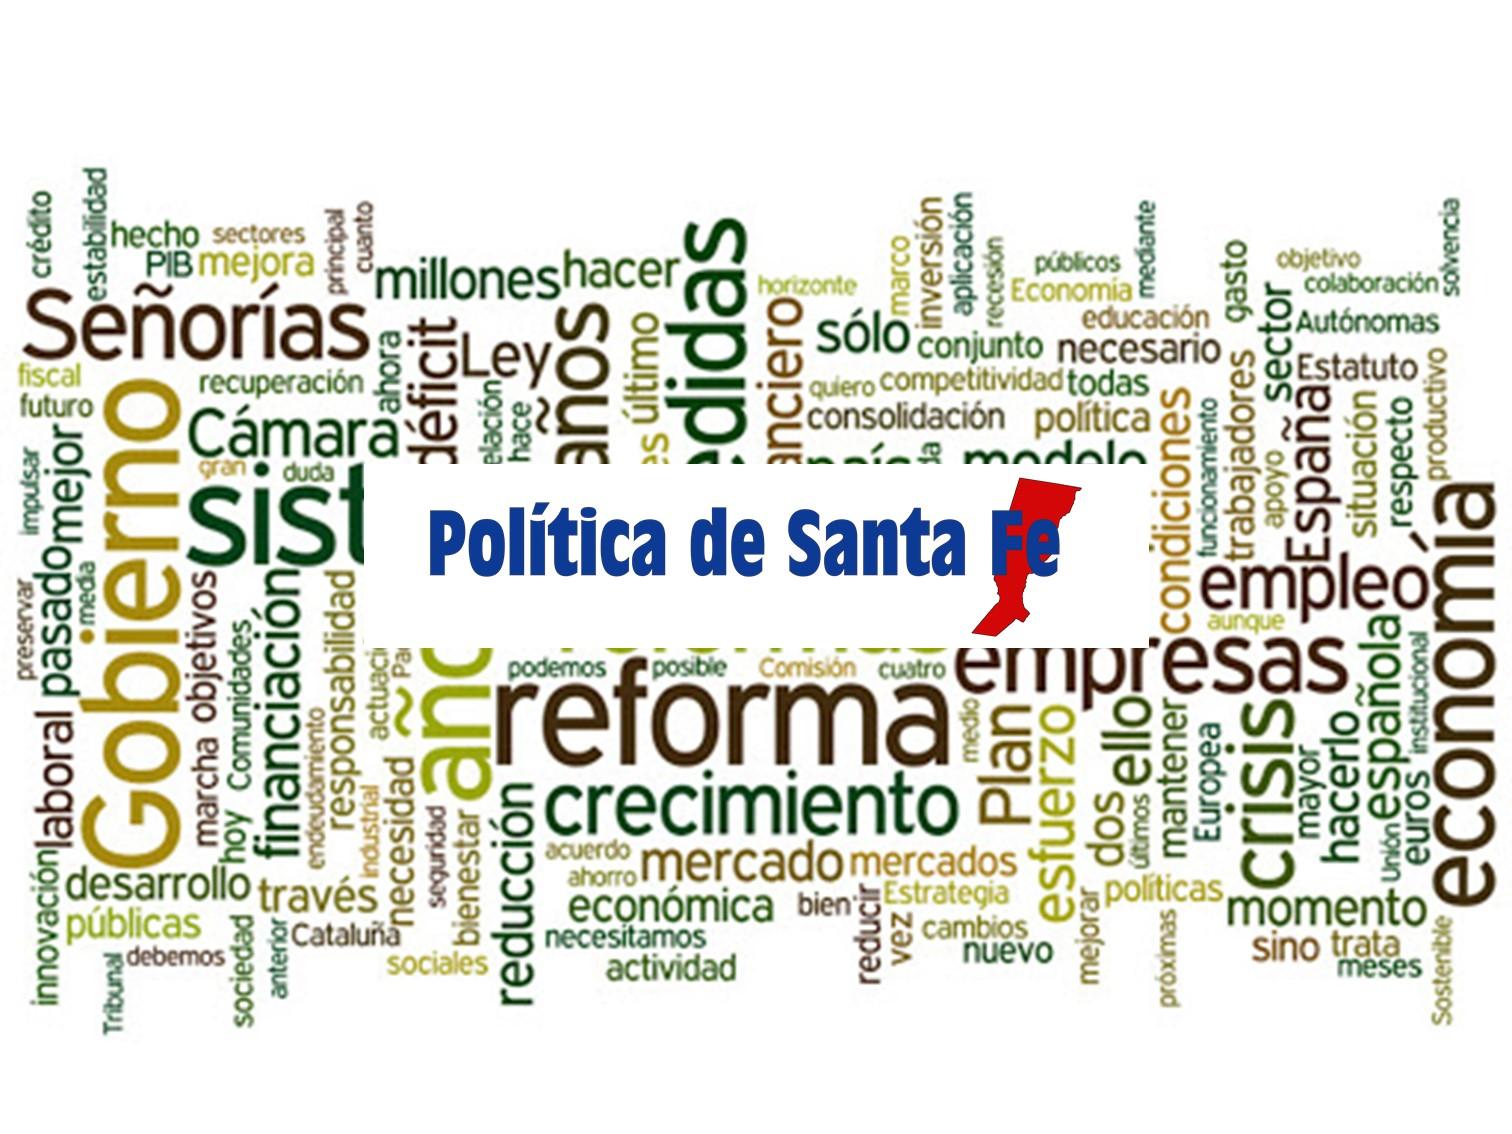 Politicadesantafe.com